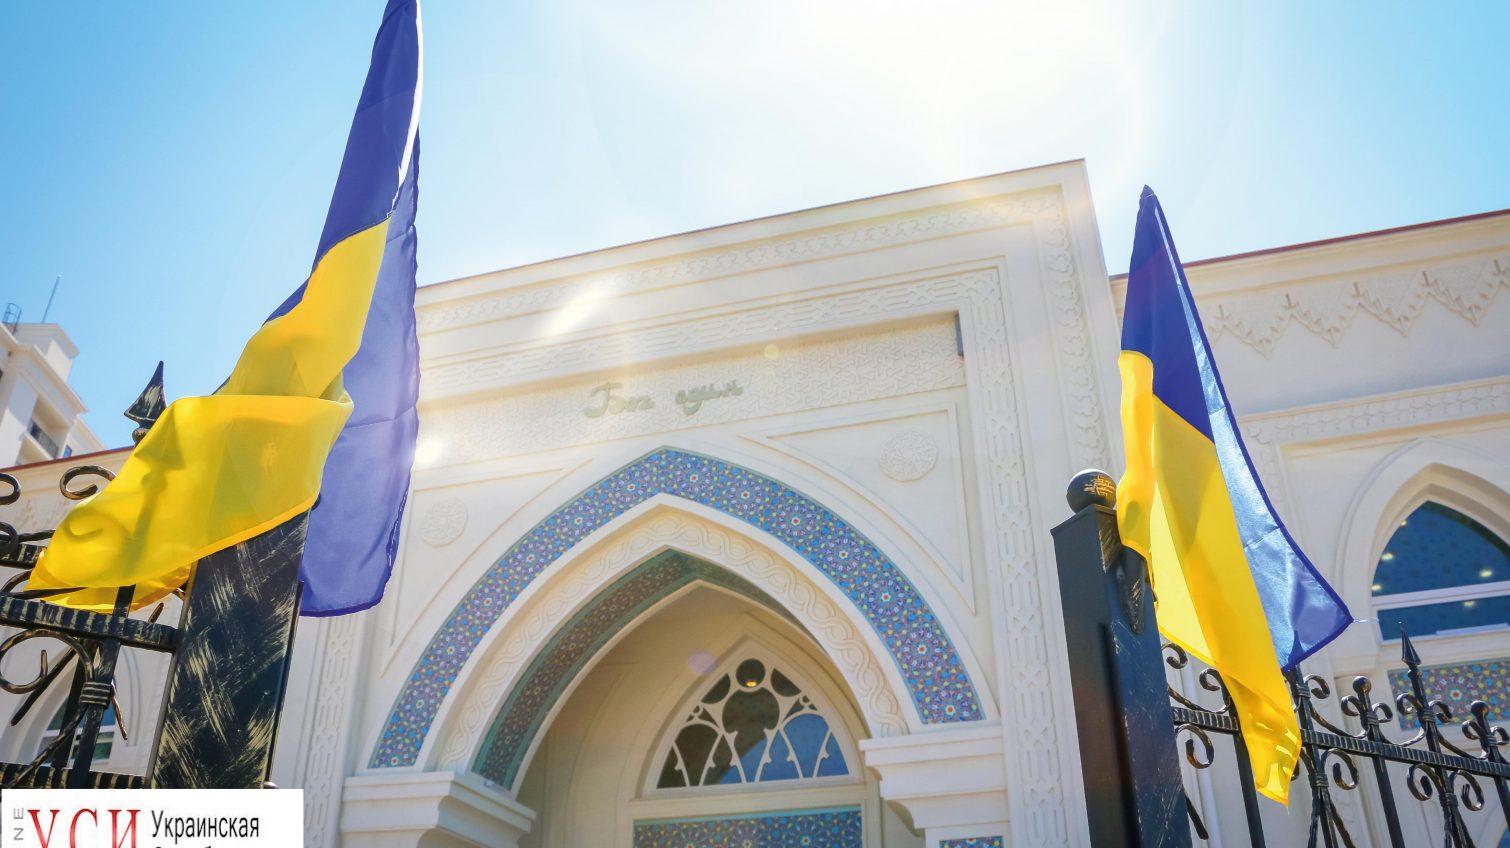 В Одессе торжественно открыли второй арабский культурный центр (фото) «фото»